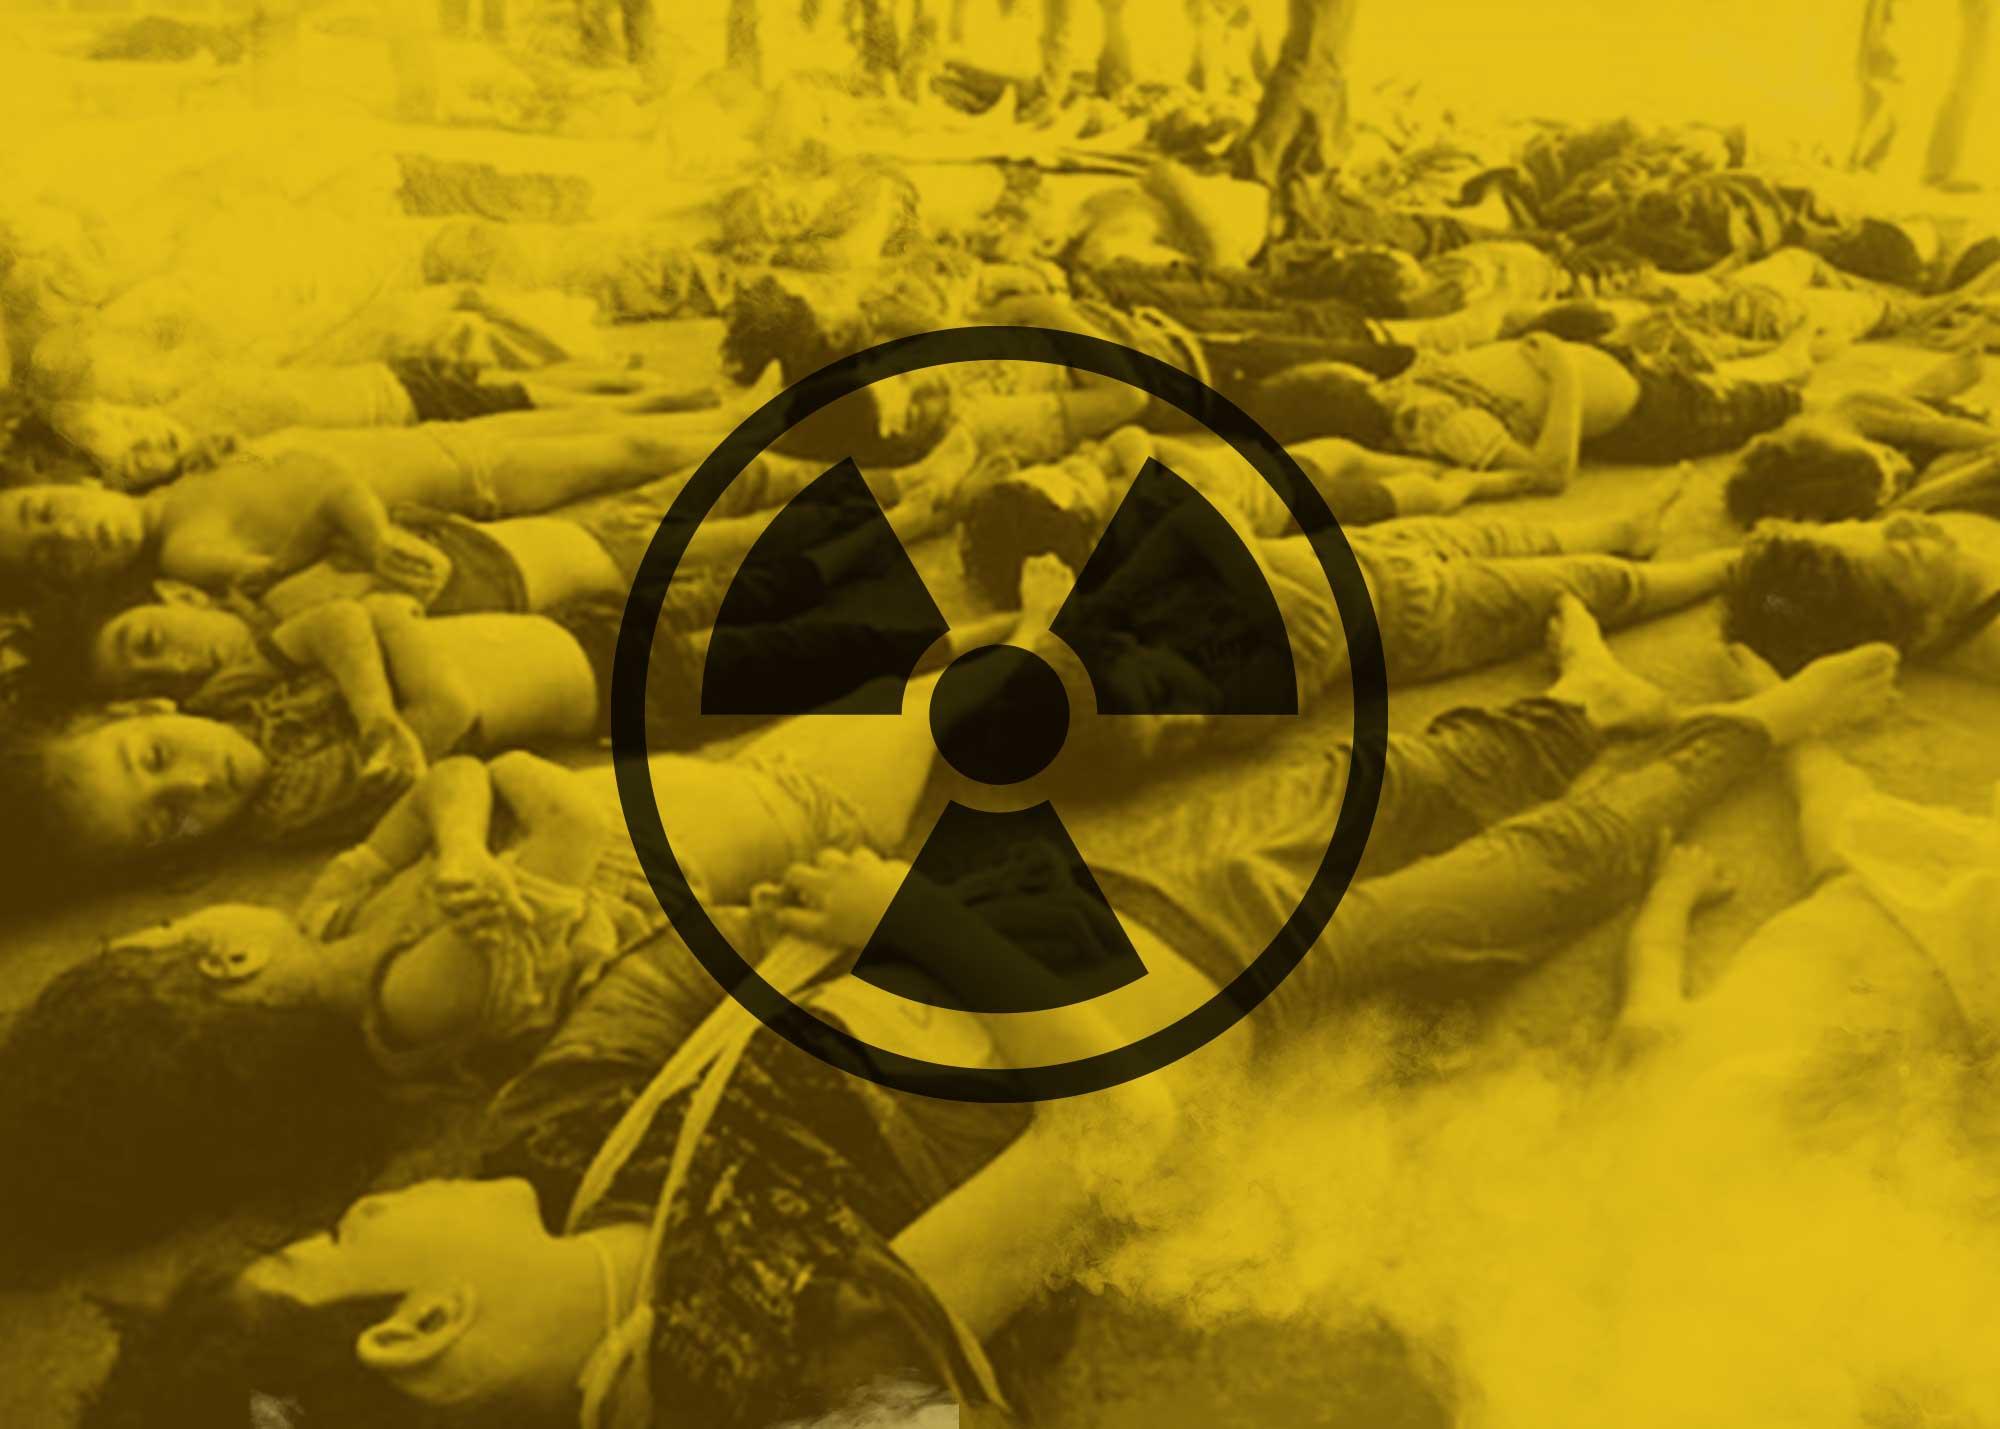 كيوم القيامة .. ذكريات الكيماوي في سوريا